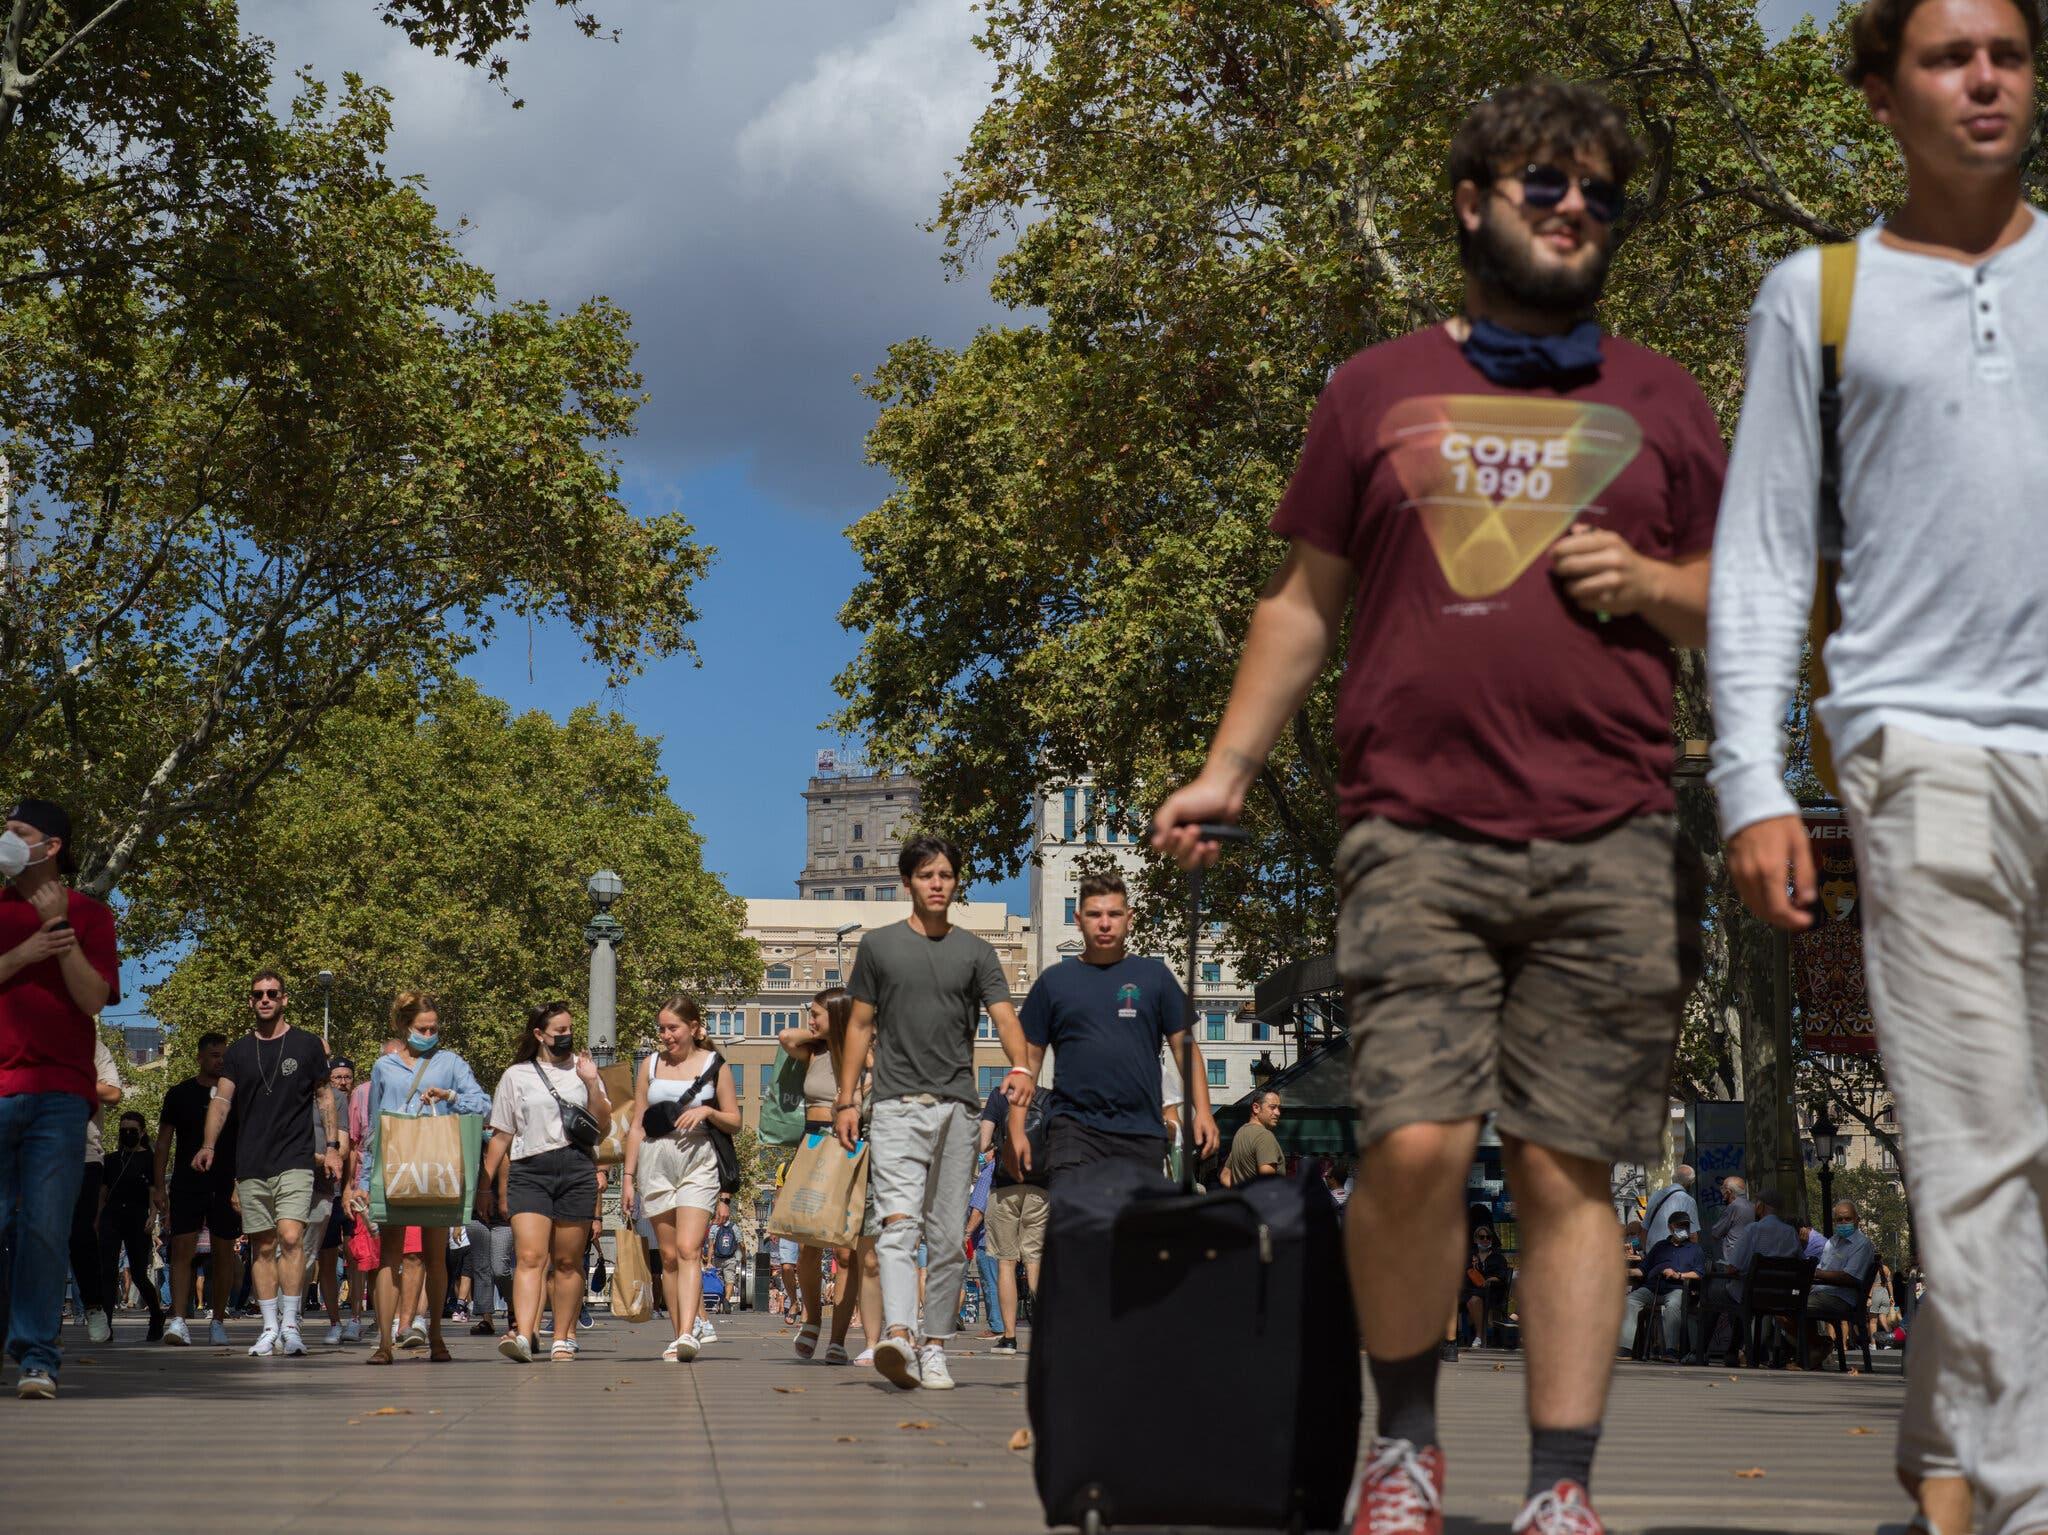 Barcelona, Samuel Aranda for The New York Times